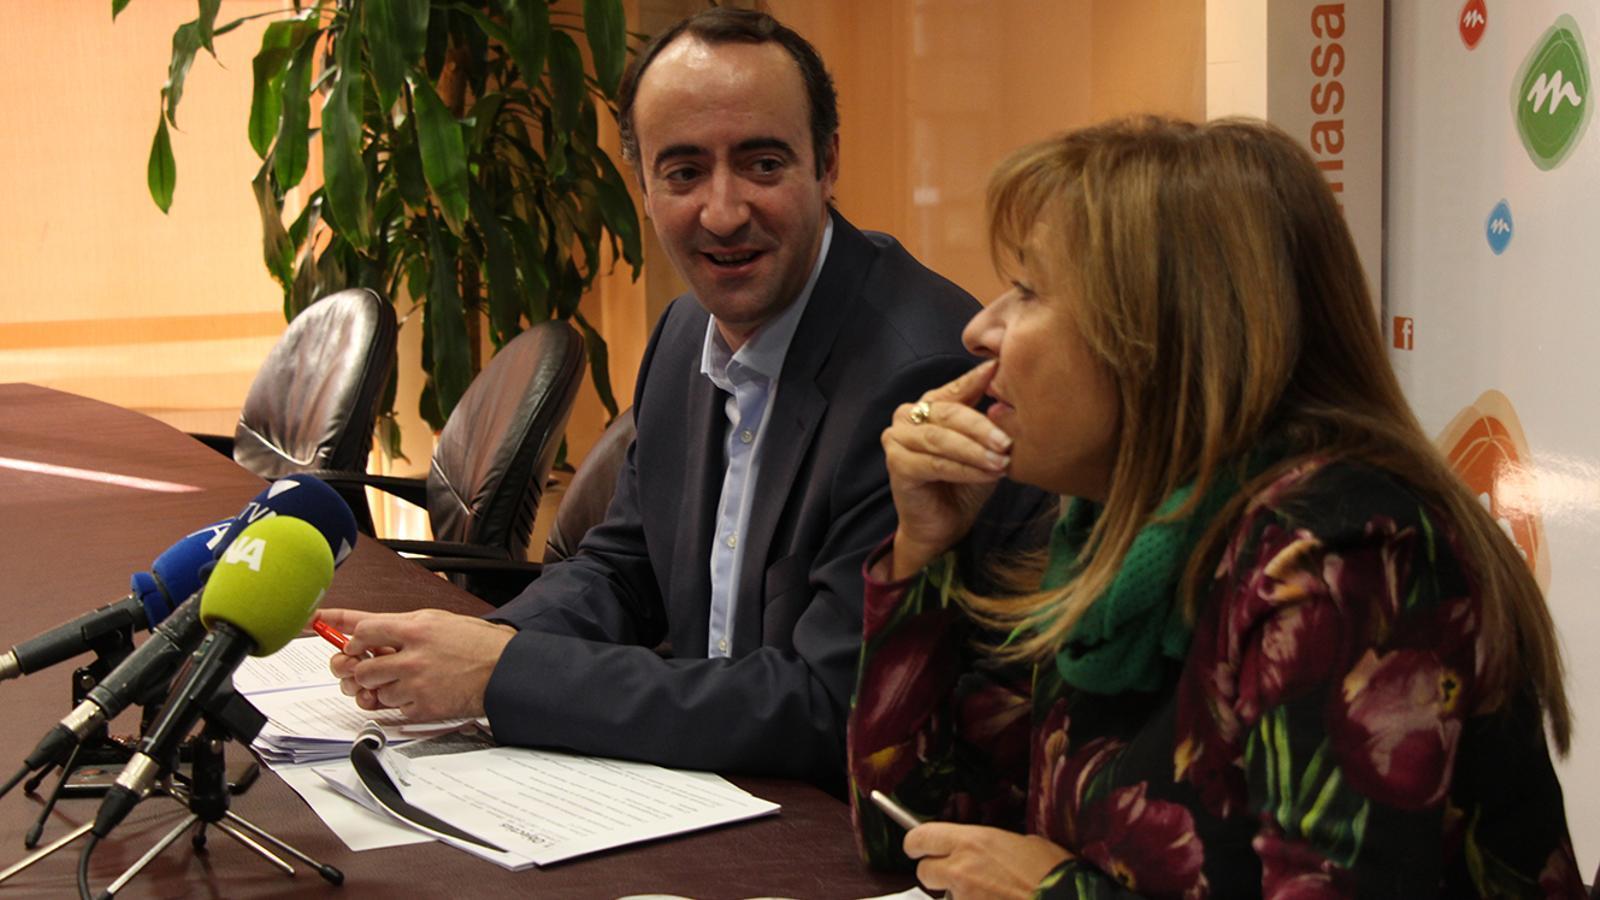 El cònsol major de la Massana, David Baró, i la cònsol major d'Andorra la Vella, Conxita Marsol, durant la roda de premsa posterior a la reunió de cònsols. / M. M. (ANA)